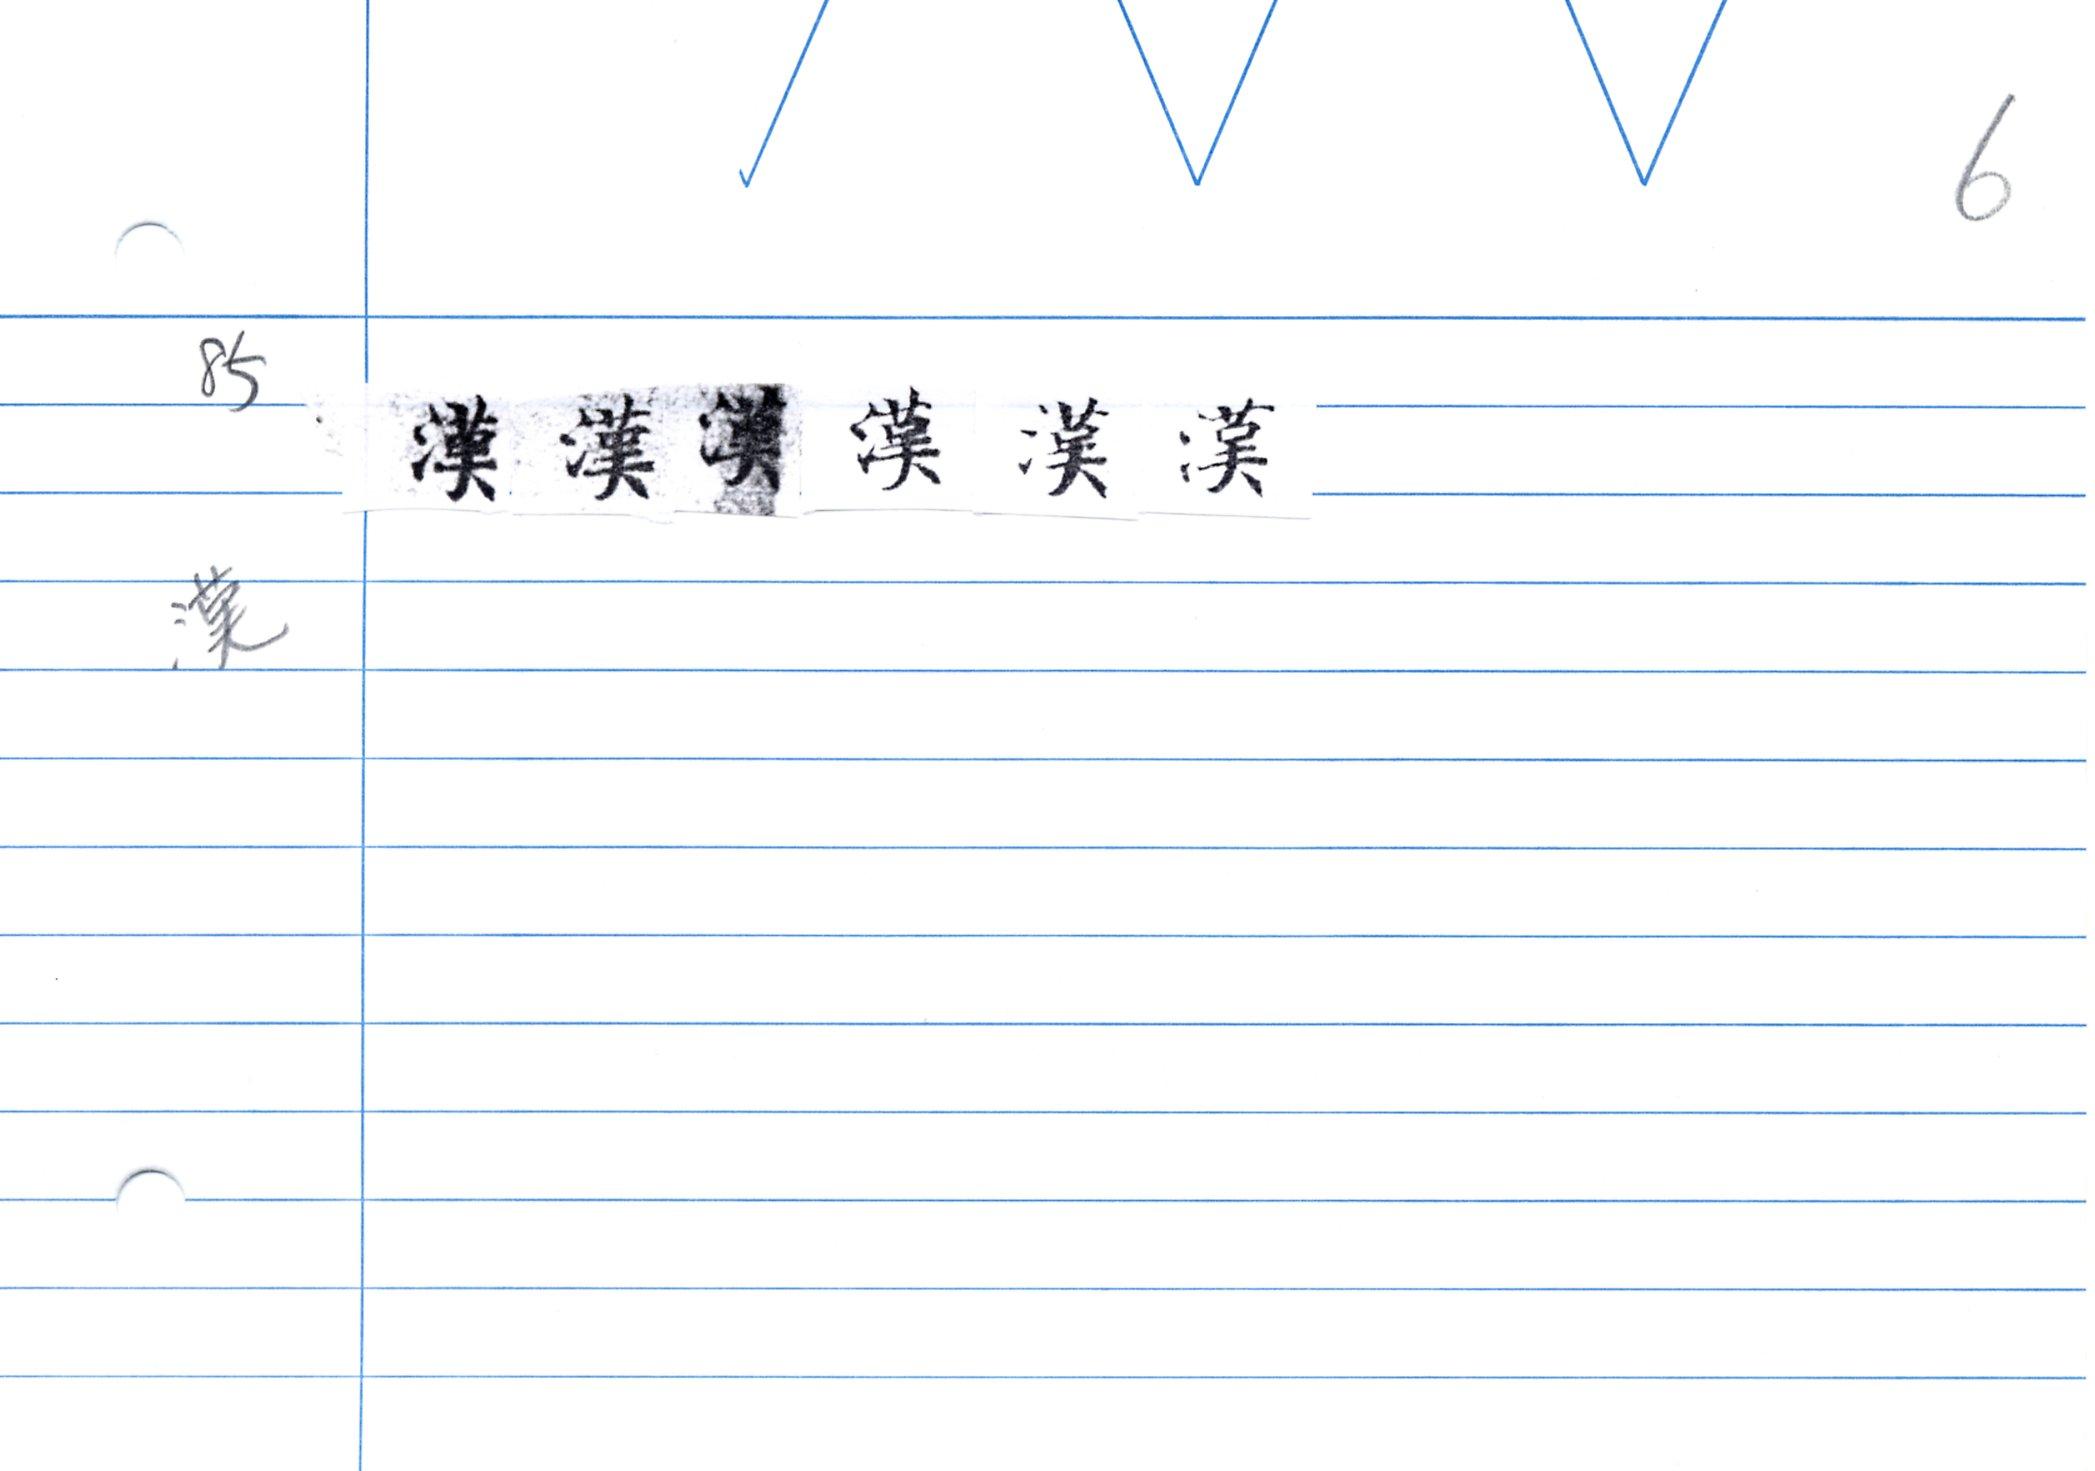 54_大般若經卷二百五十(和銅經)/cards/0131.JPG